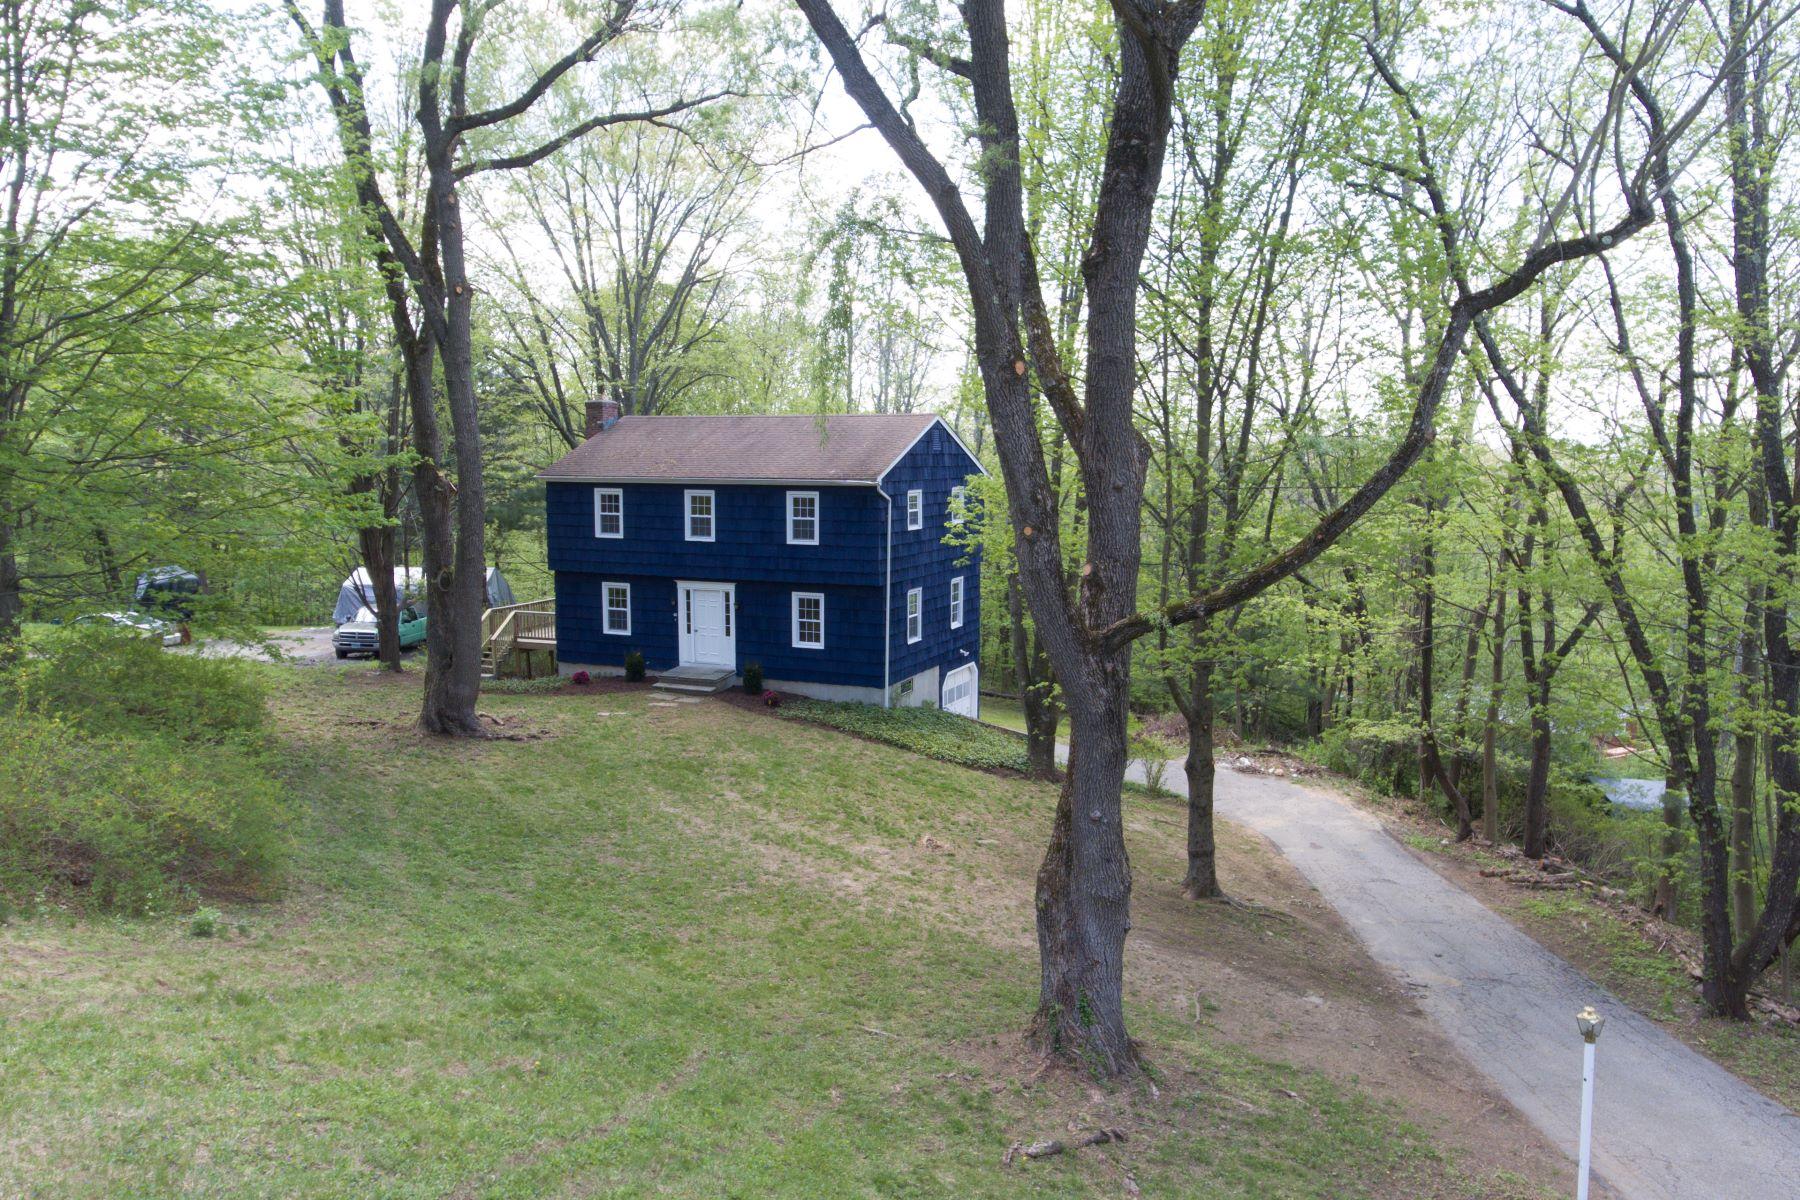 Частный односемейный дом для того Продажа на Completley Updated 40 Dean Road New Milford, Коннектикут 06776 Соединенные Штаты